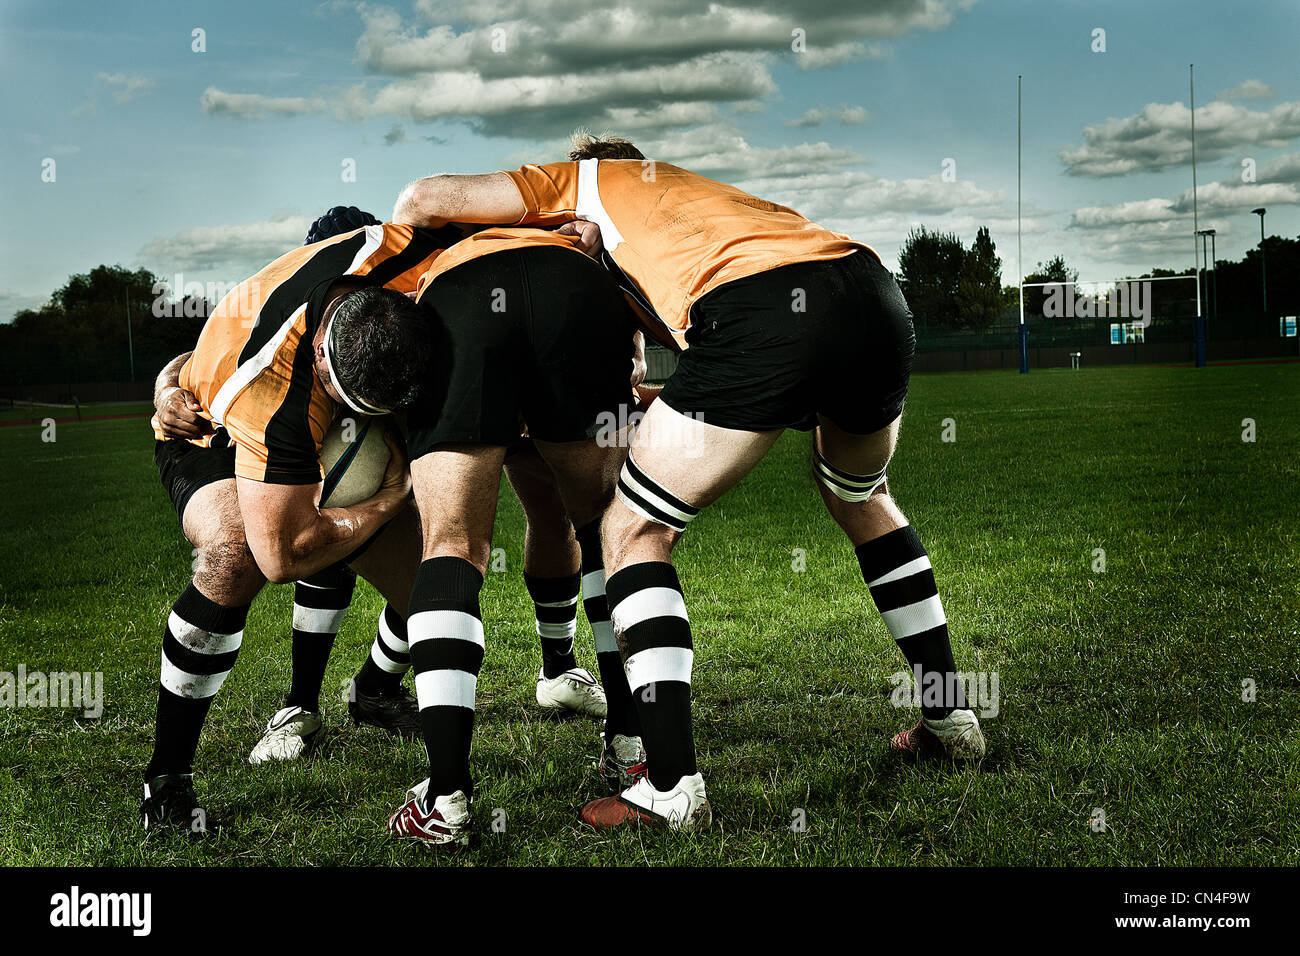 Giocatori di rugby in scrum su piazzola Immagini Stock